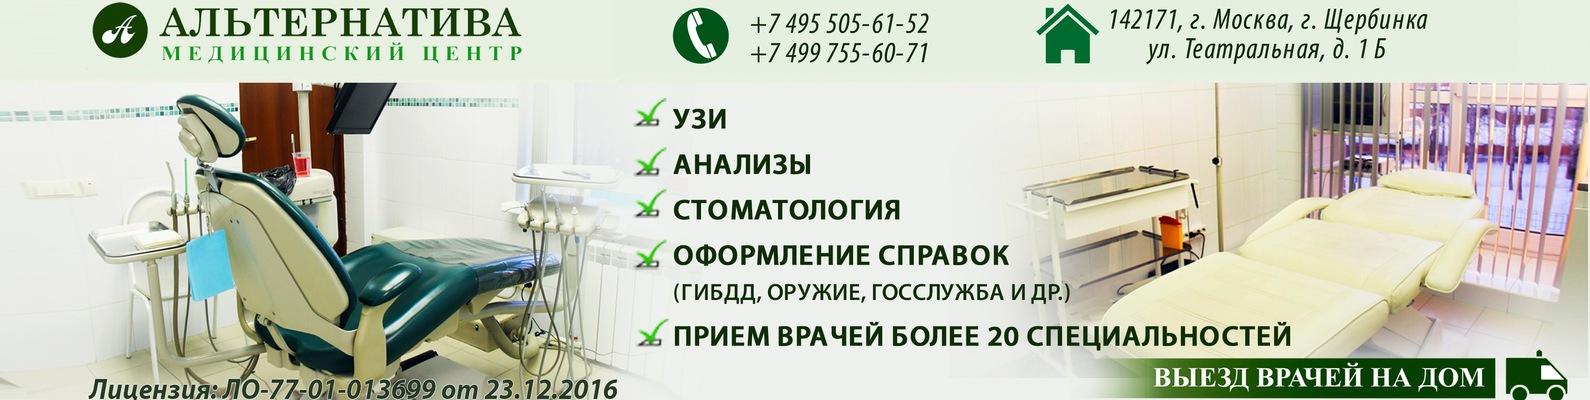 Анализ мочи Школьная улица (город Щербинка) общий анализ крови количество бластных клеток